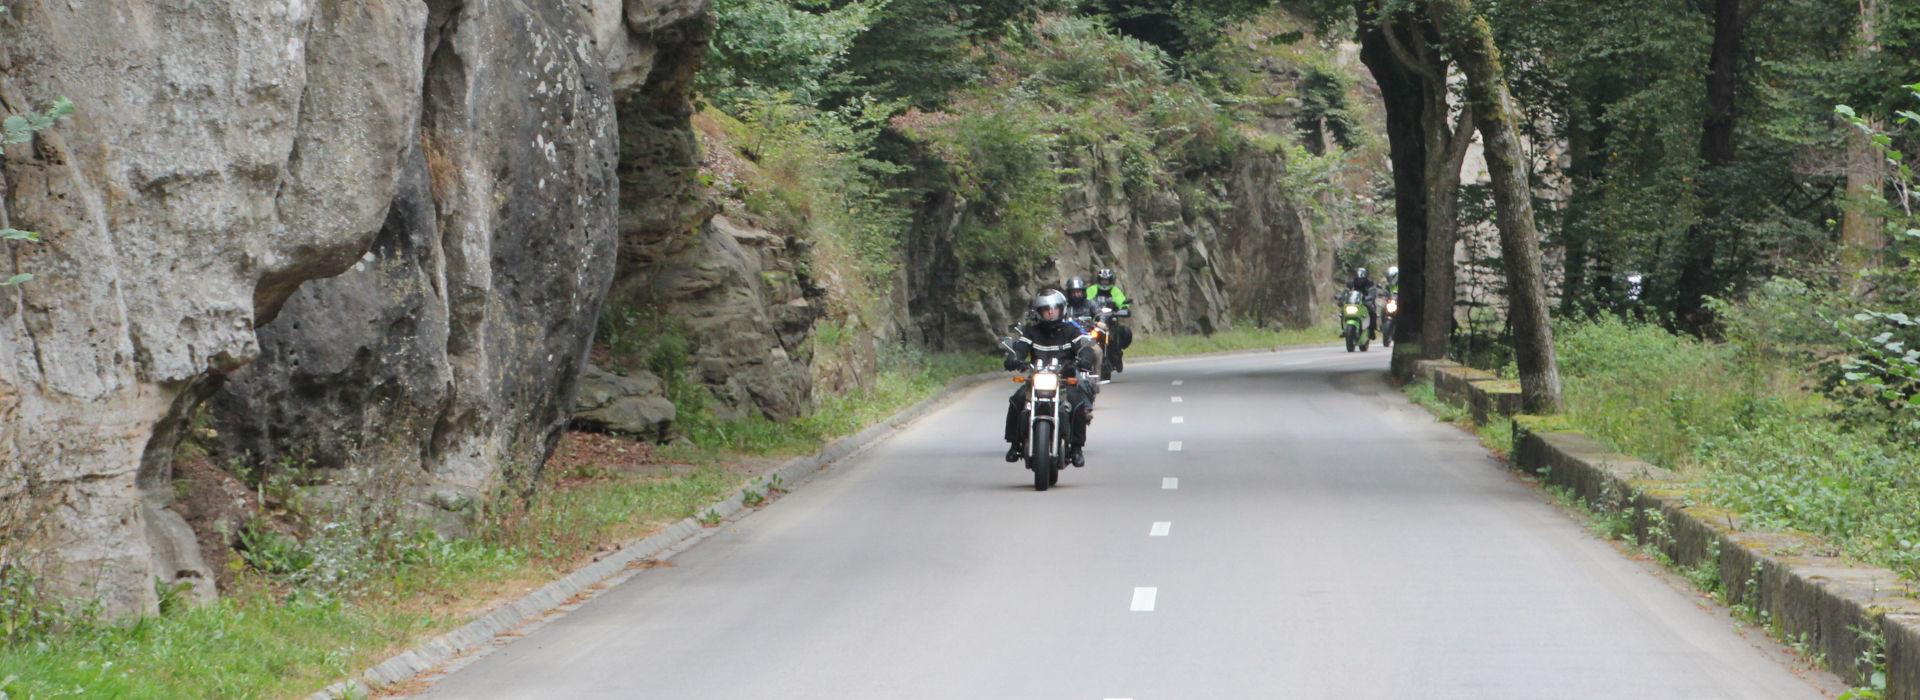 Motorrijbewijspoint Hoofddorp spoed motorrijbewijs